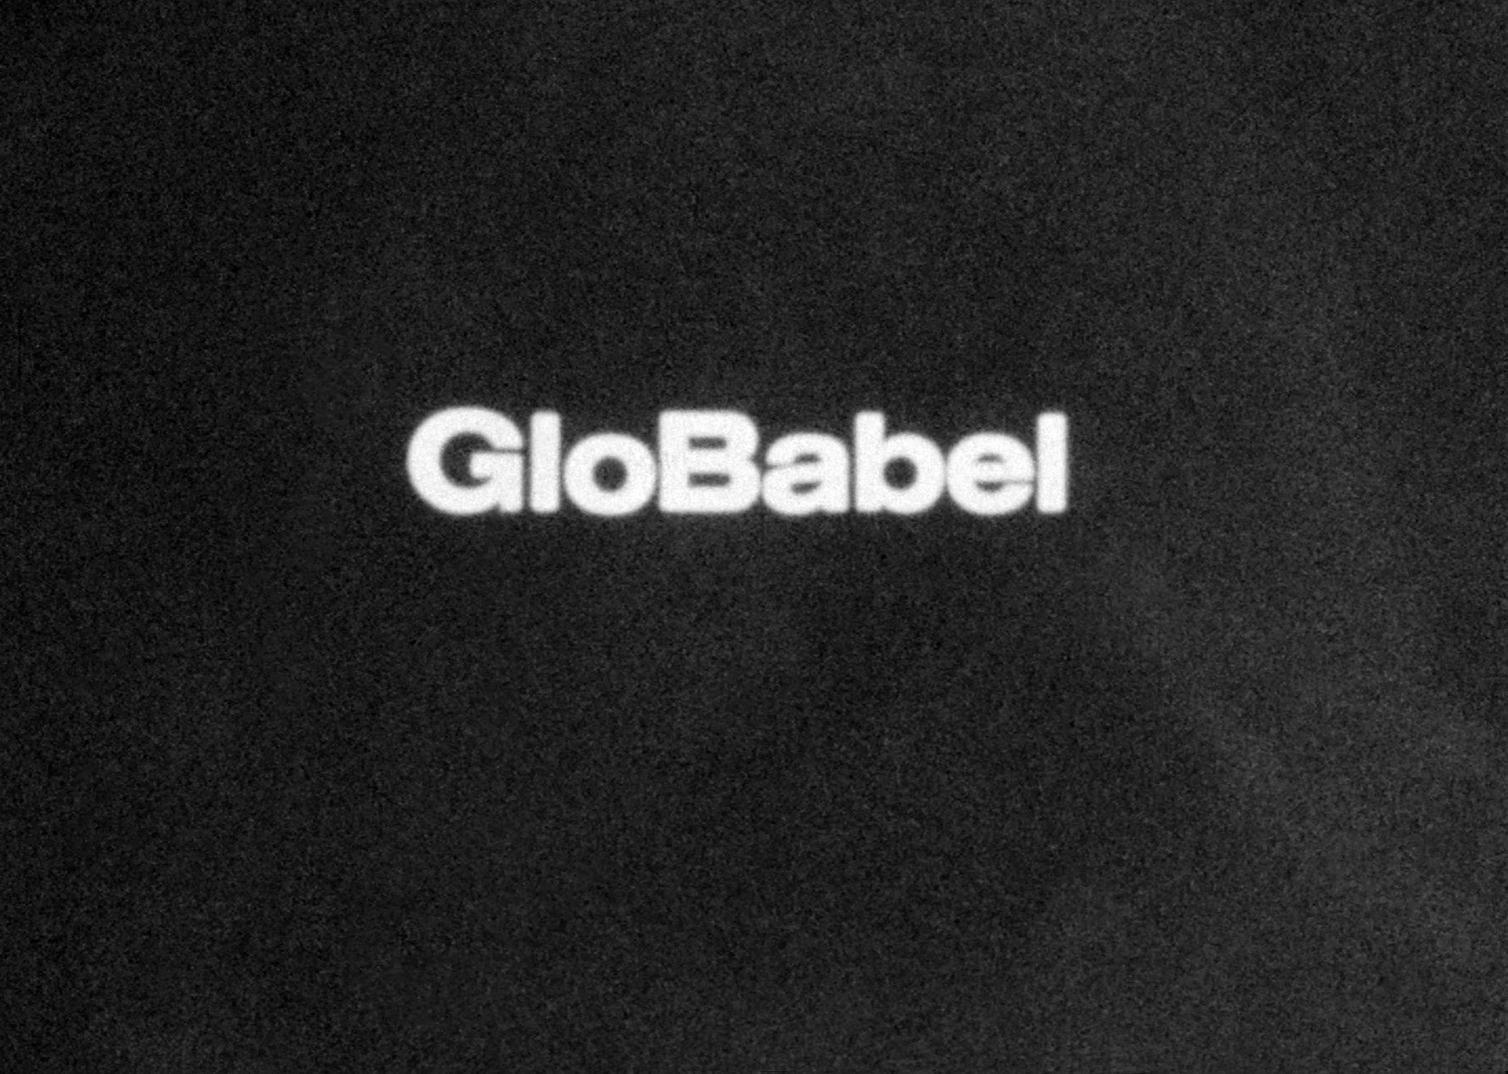 GloBabel